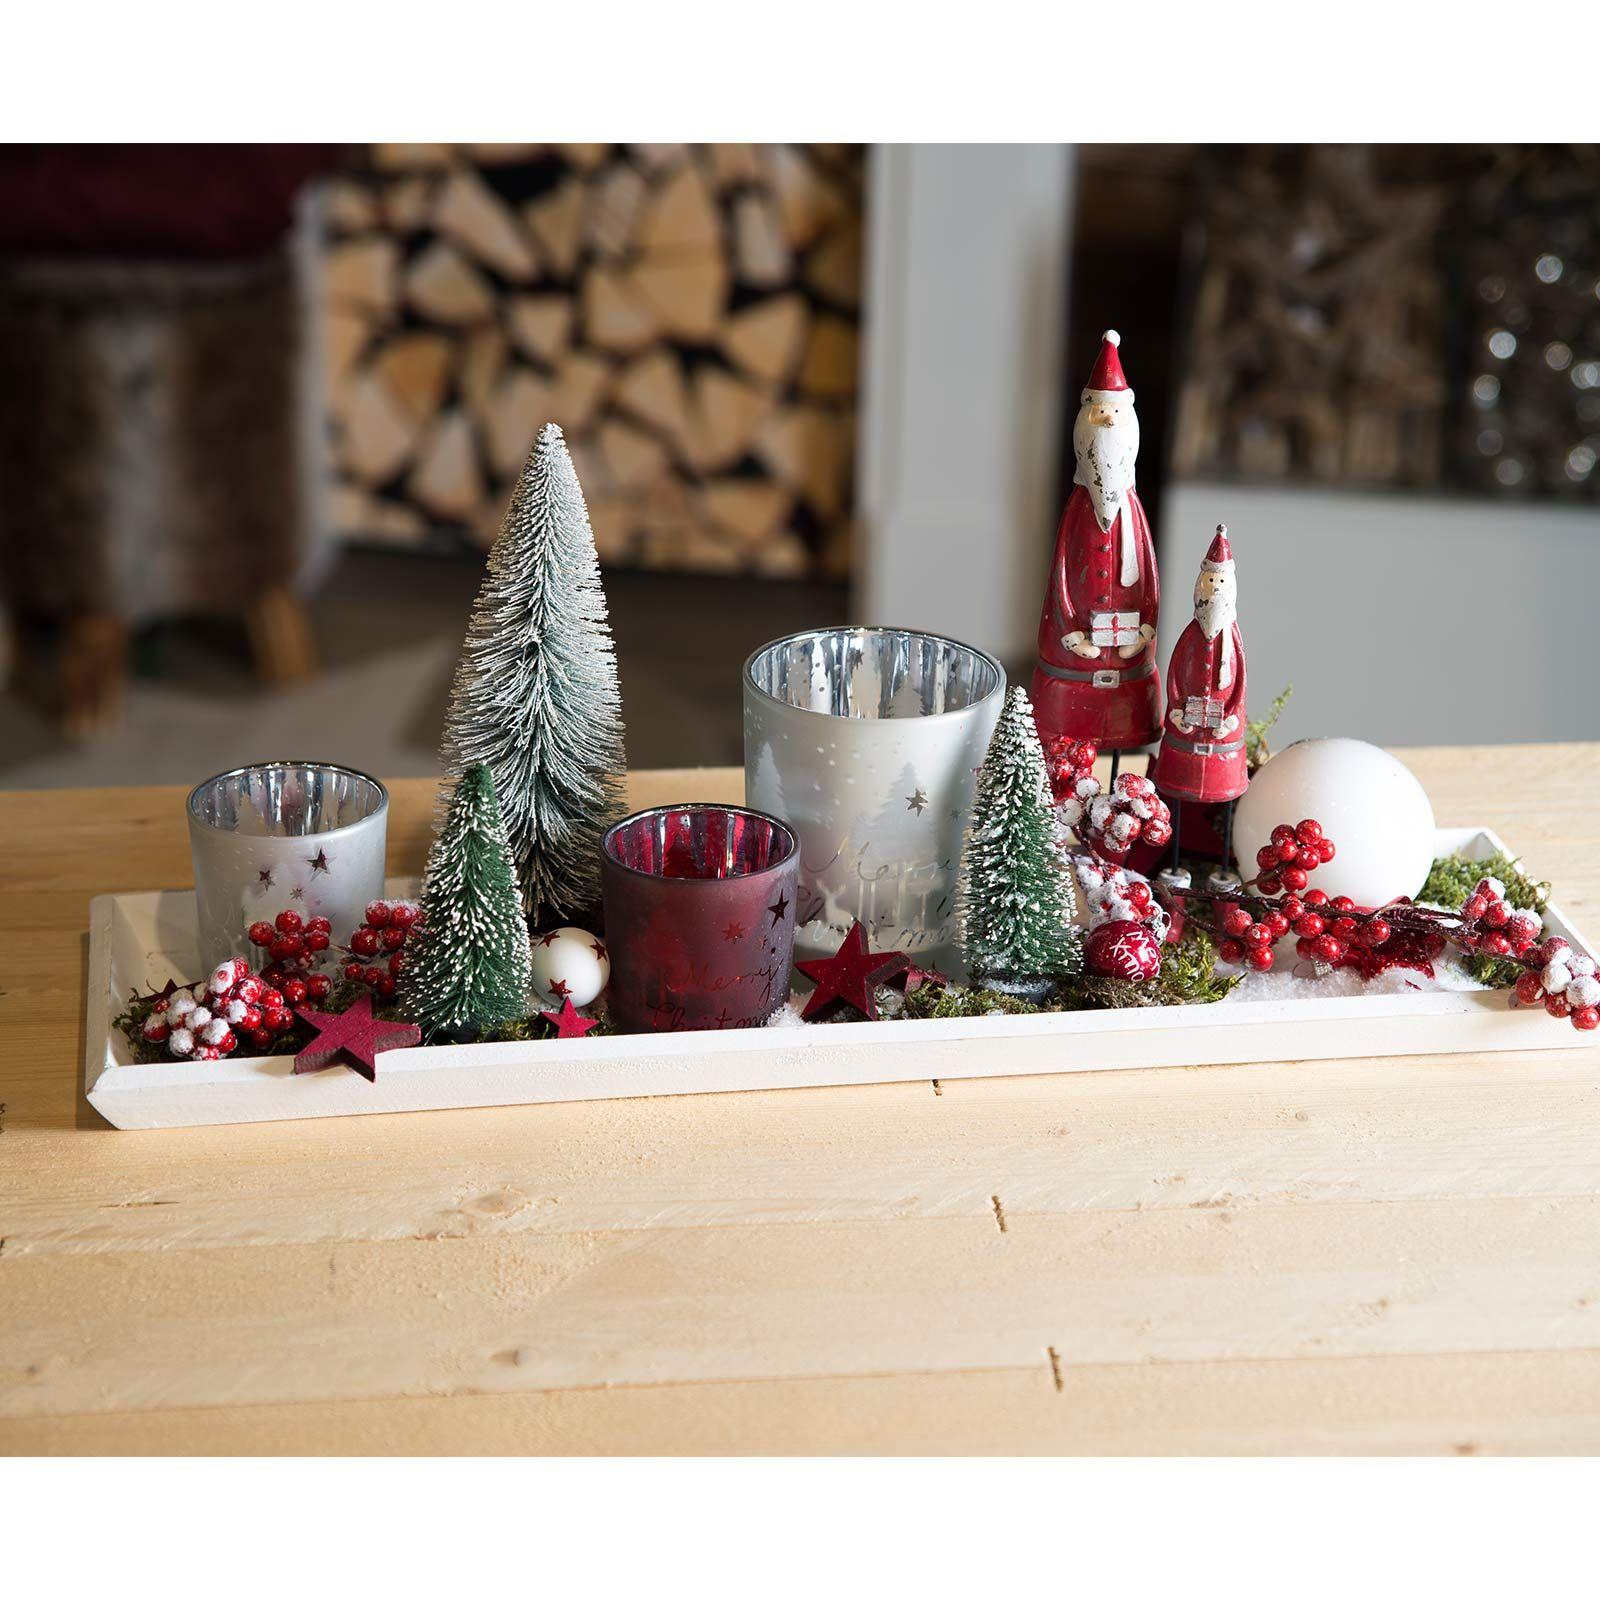 5af980fcd825eb0fd5a17a4bdb5acfb8 Schöne Fensterbank Weihnachtlich Dekorieren Dekorationen